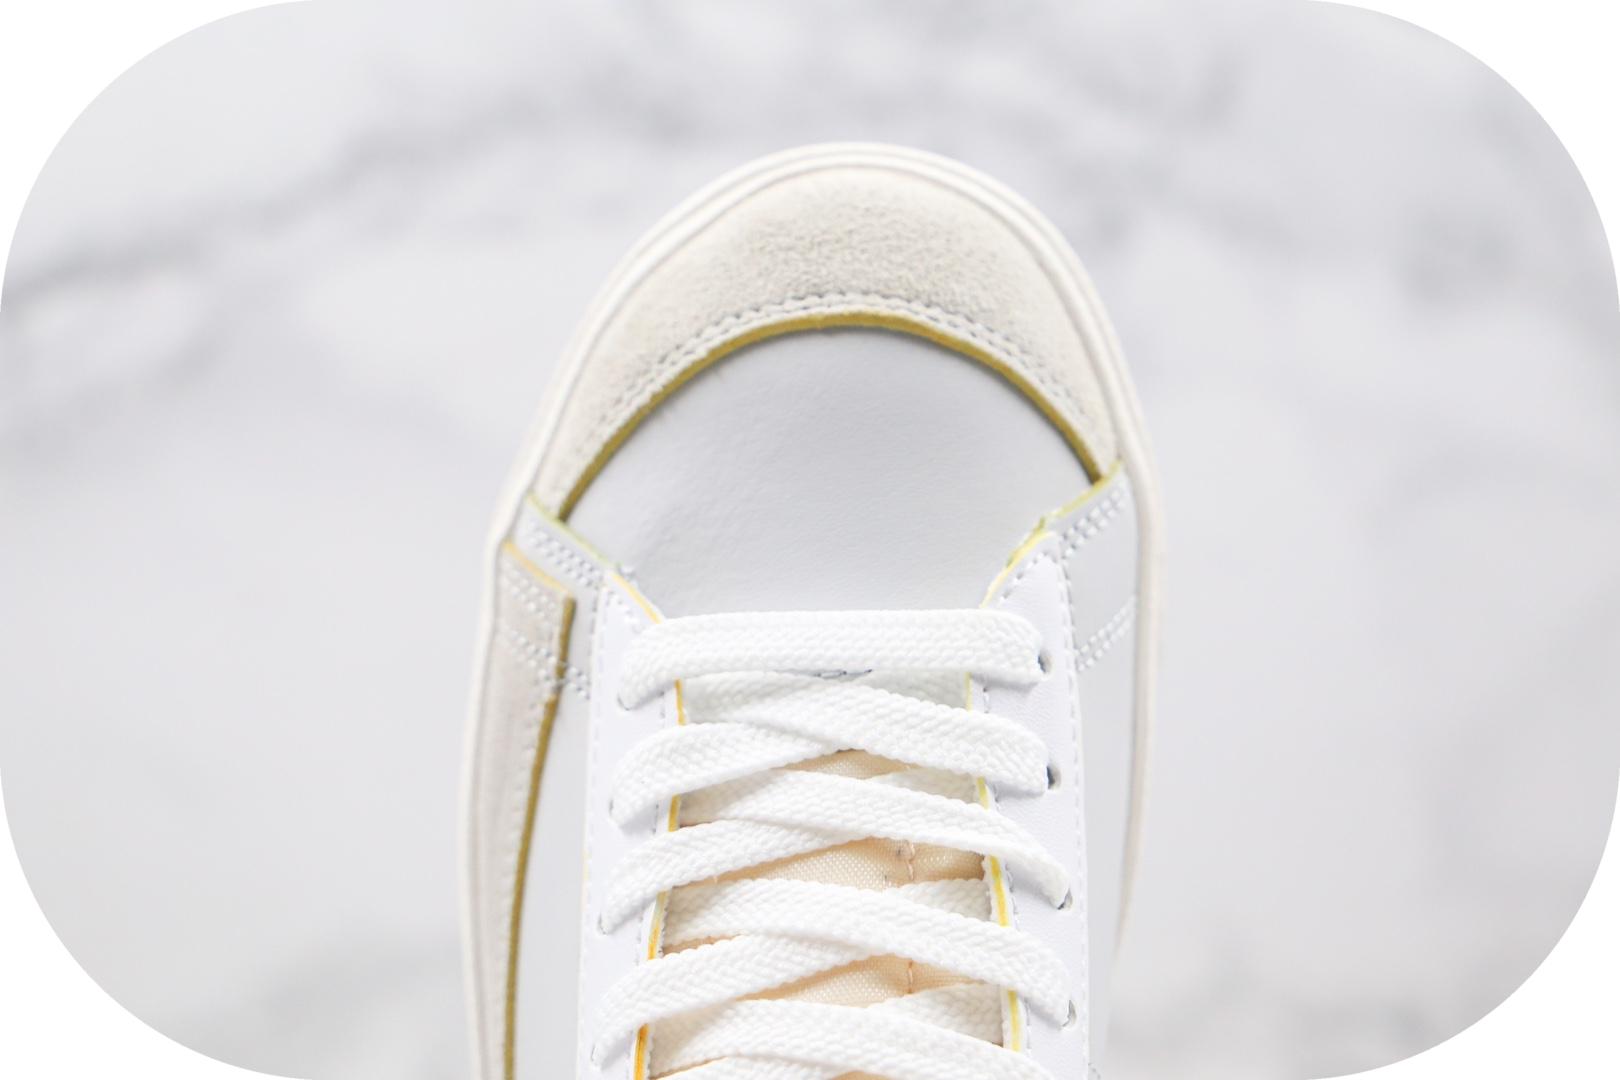 耐克Nike Blazer Mid '77 Label Maker纯原版本中帮开拓者刮刮乐开口笑板鞋鞋面正确可撕 货号:DC5203-100